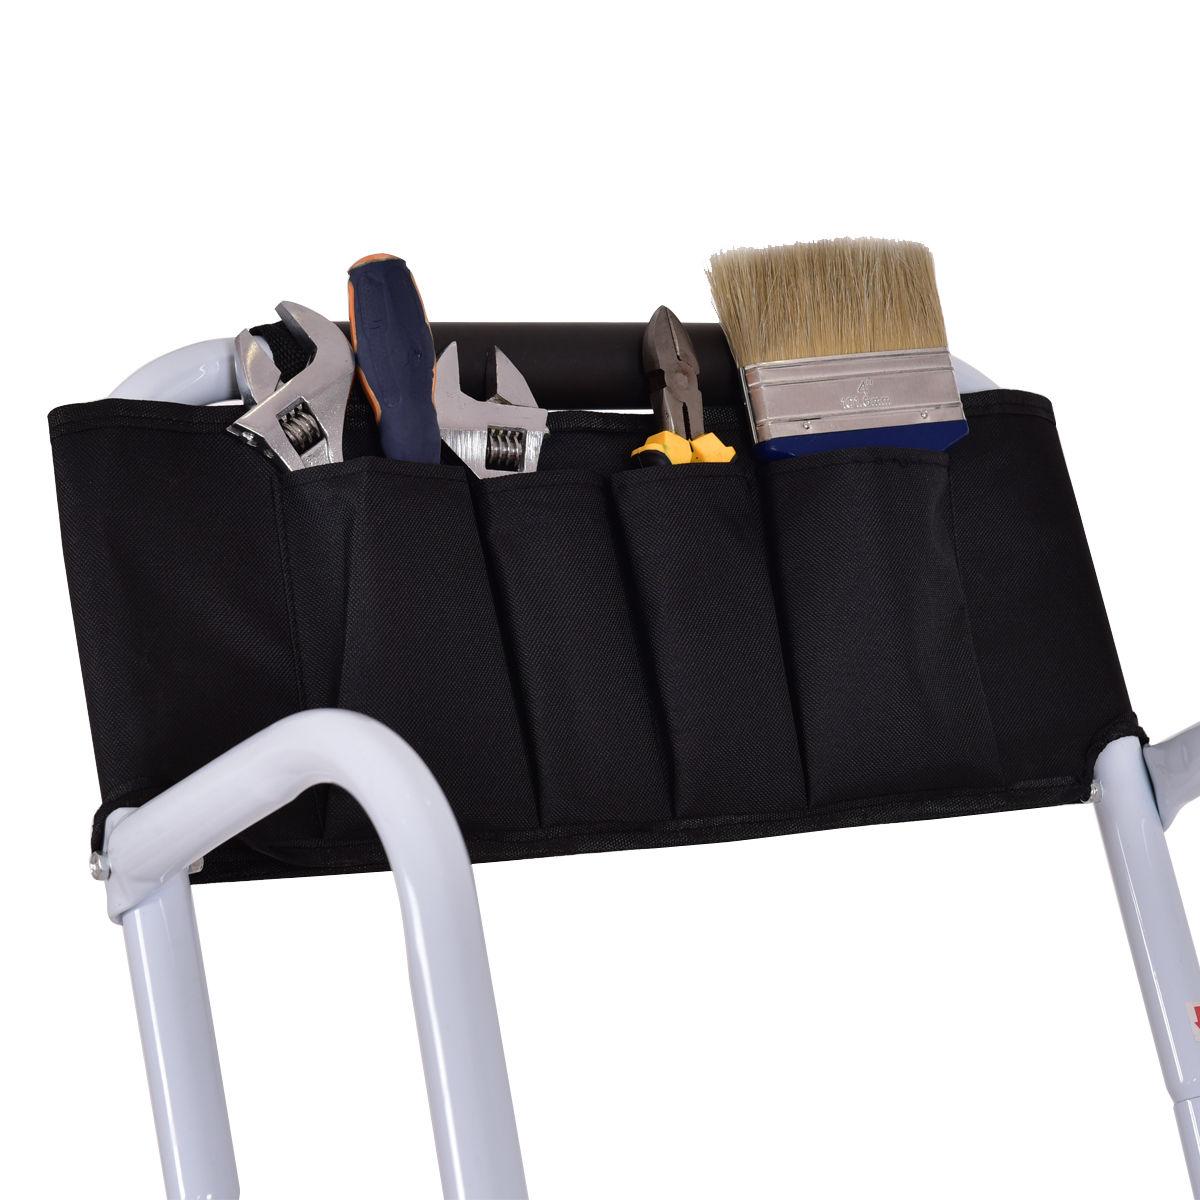 2 In 1 Non Slip 4 Step Ladder Folding Stool W Handrails